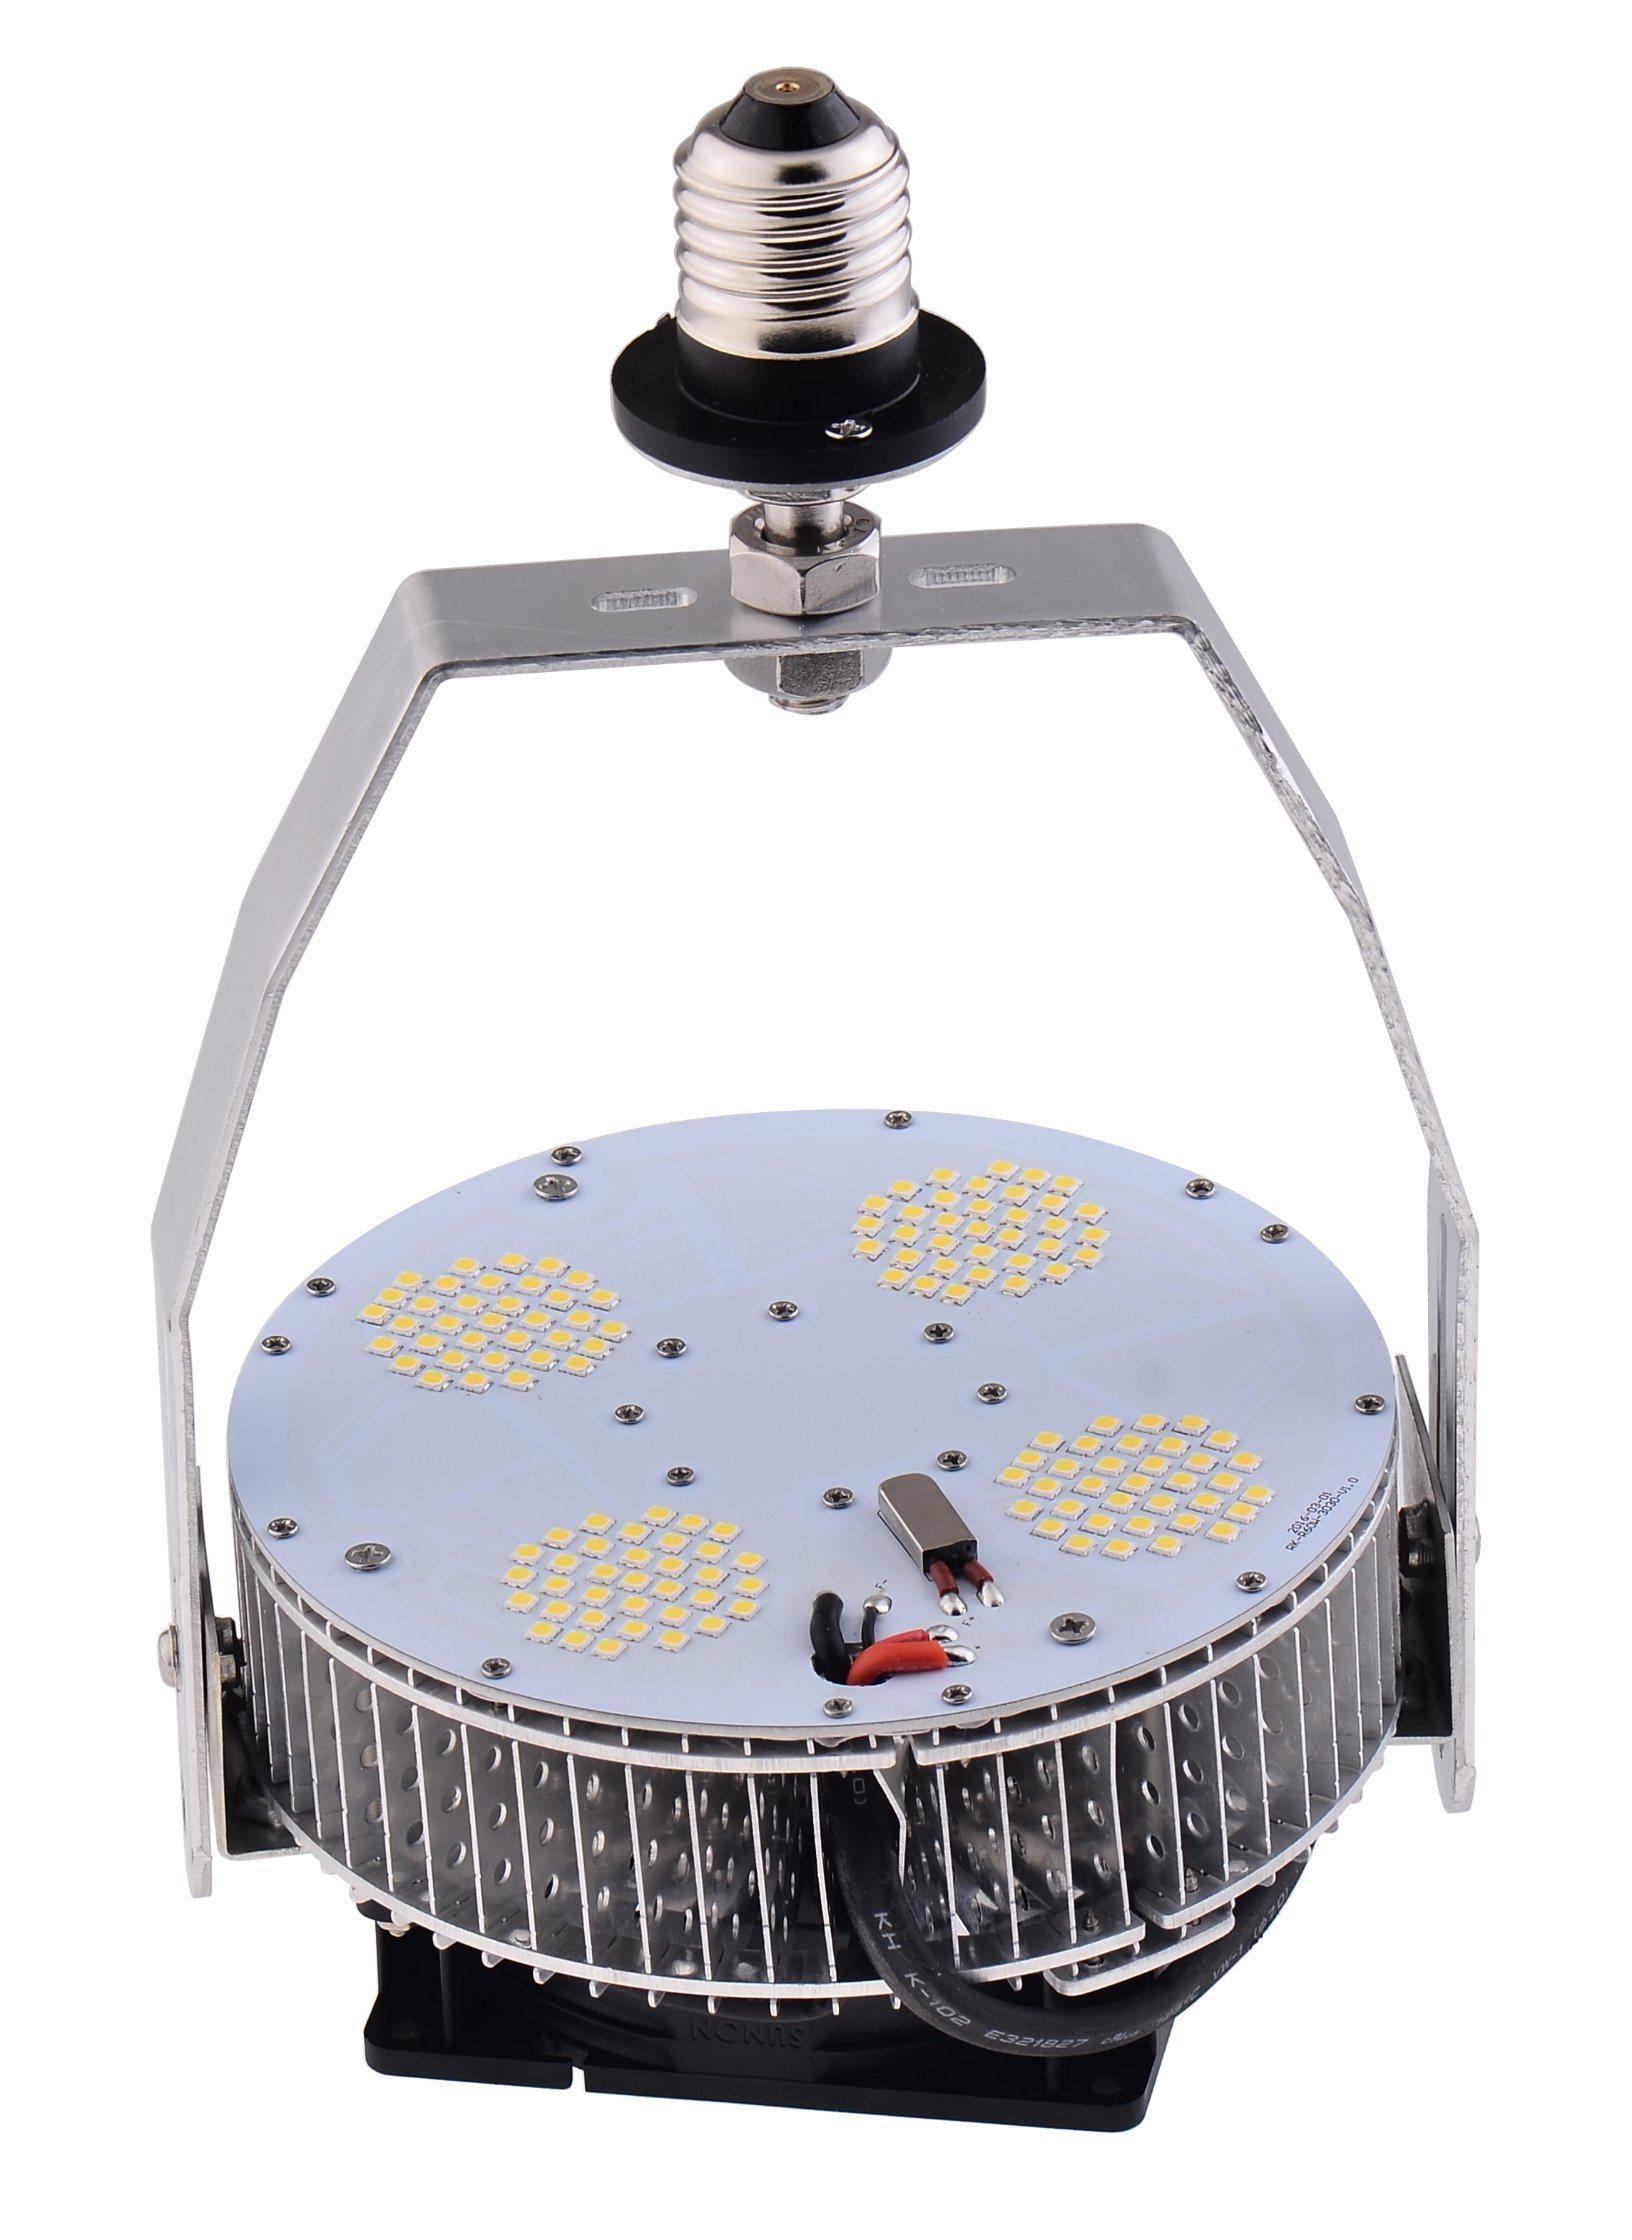 Cool White E40 120 Watt LED LED Retrofit Kits with ETL Dlc Listed